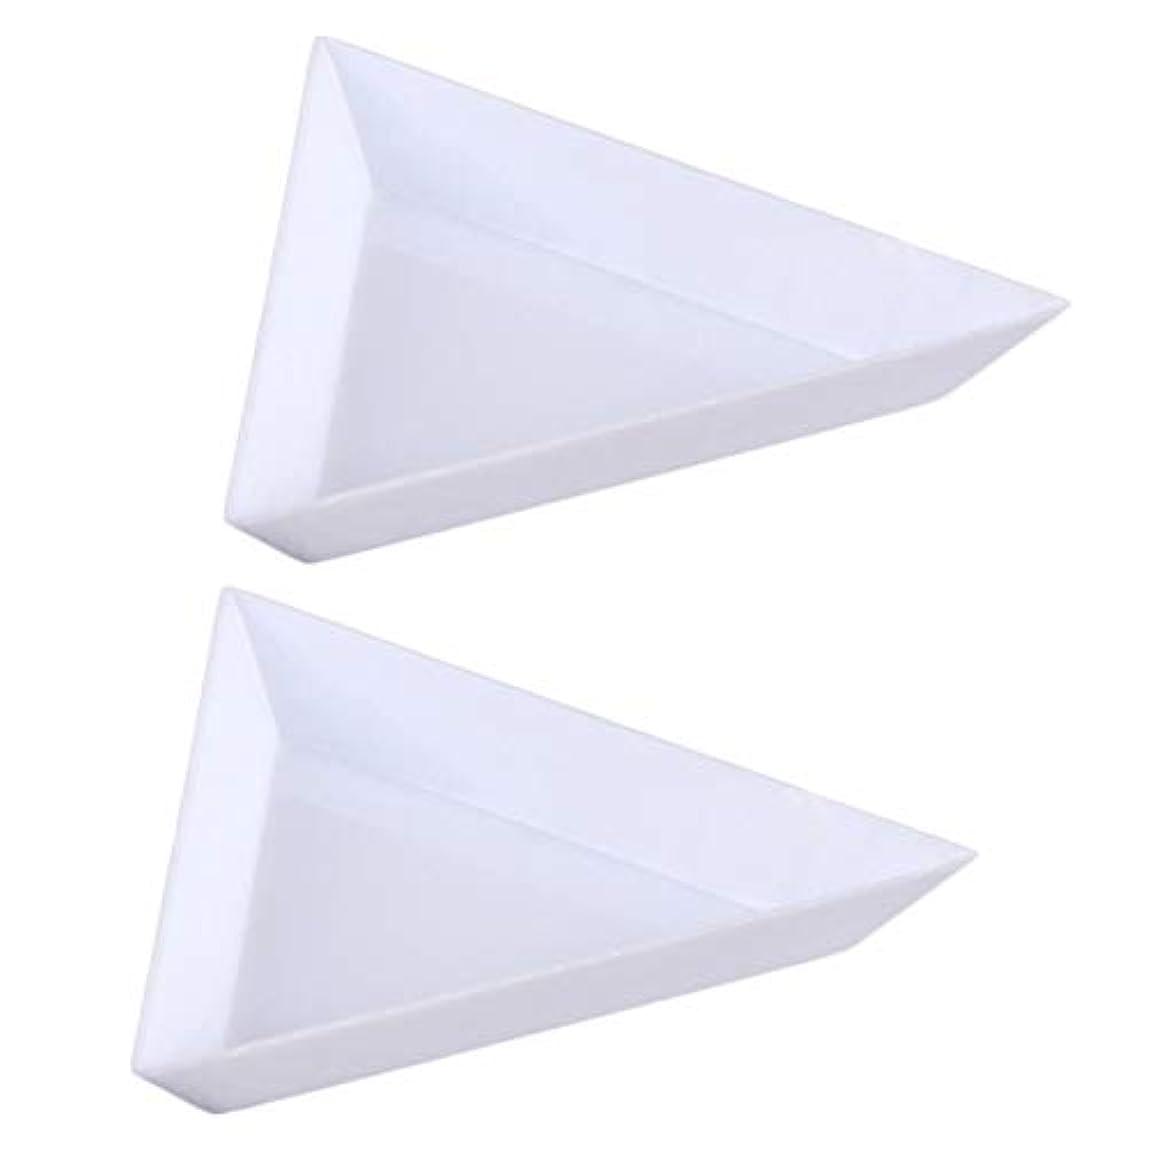 遅いハブブ相続人RETYLY 10個三角コーナープラスチックラインストーンビーズ 結晶 ネイルアートソーティングトレイアクセサリー白 DiyネイルアートデコレーションDotting収納トレイ オーガニゼーションに最適